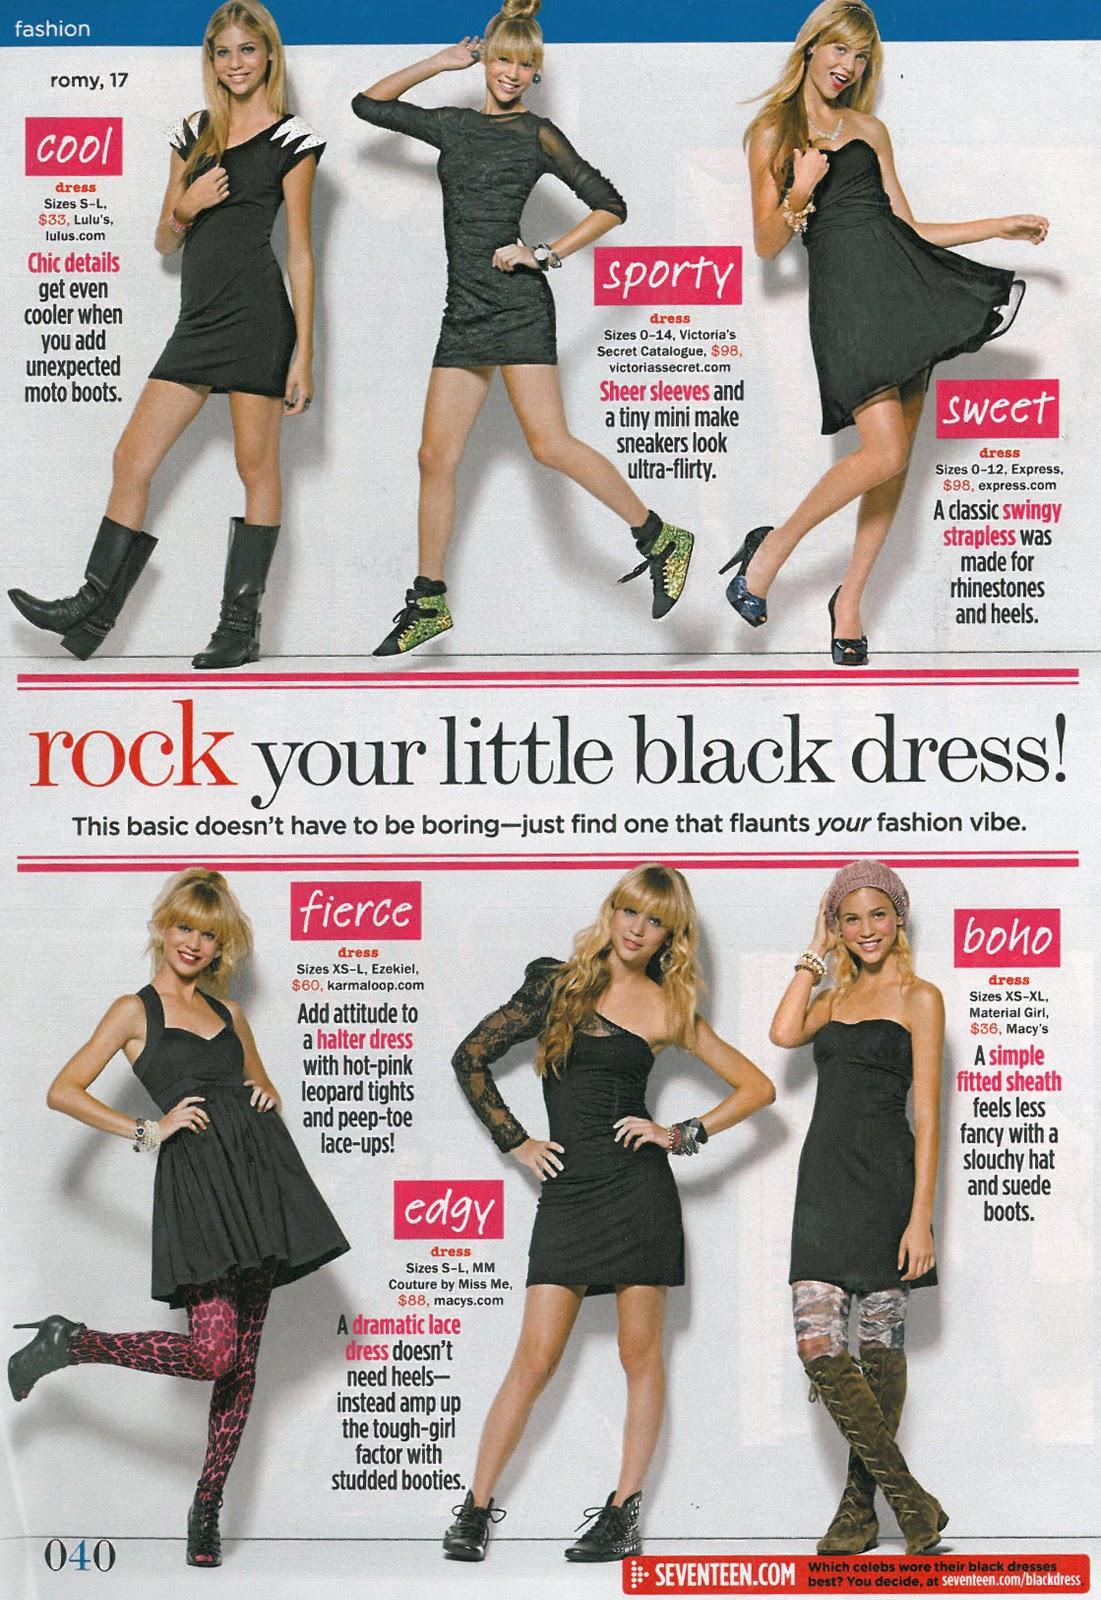 http://2.bp.blogspot.com/_iel_BQwIW4I/TPRPcfwCkHI/AAAAAAAAAj4/DBRVo9AGbDk/s1600/black+dress.jpg